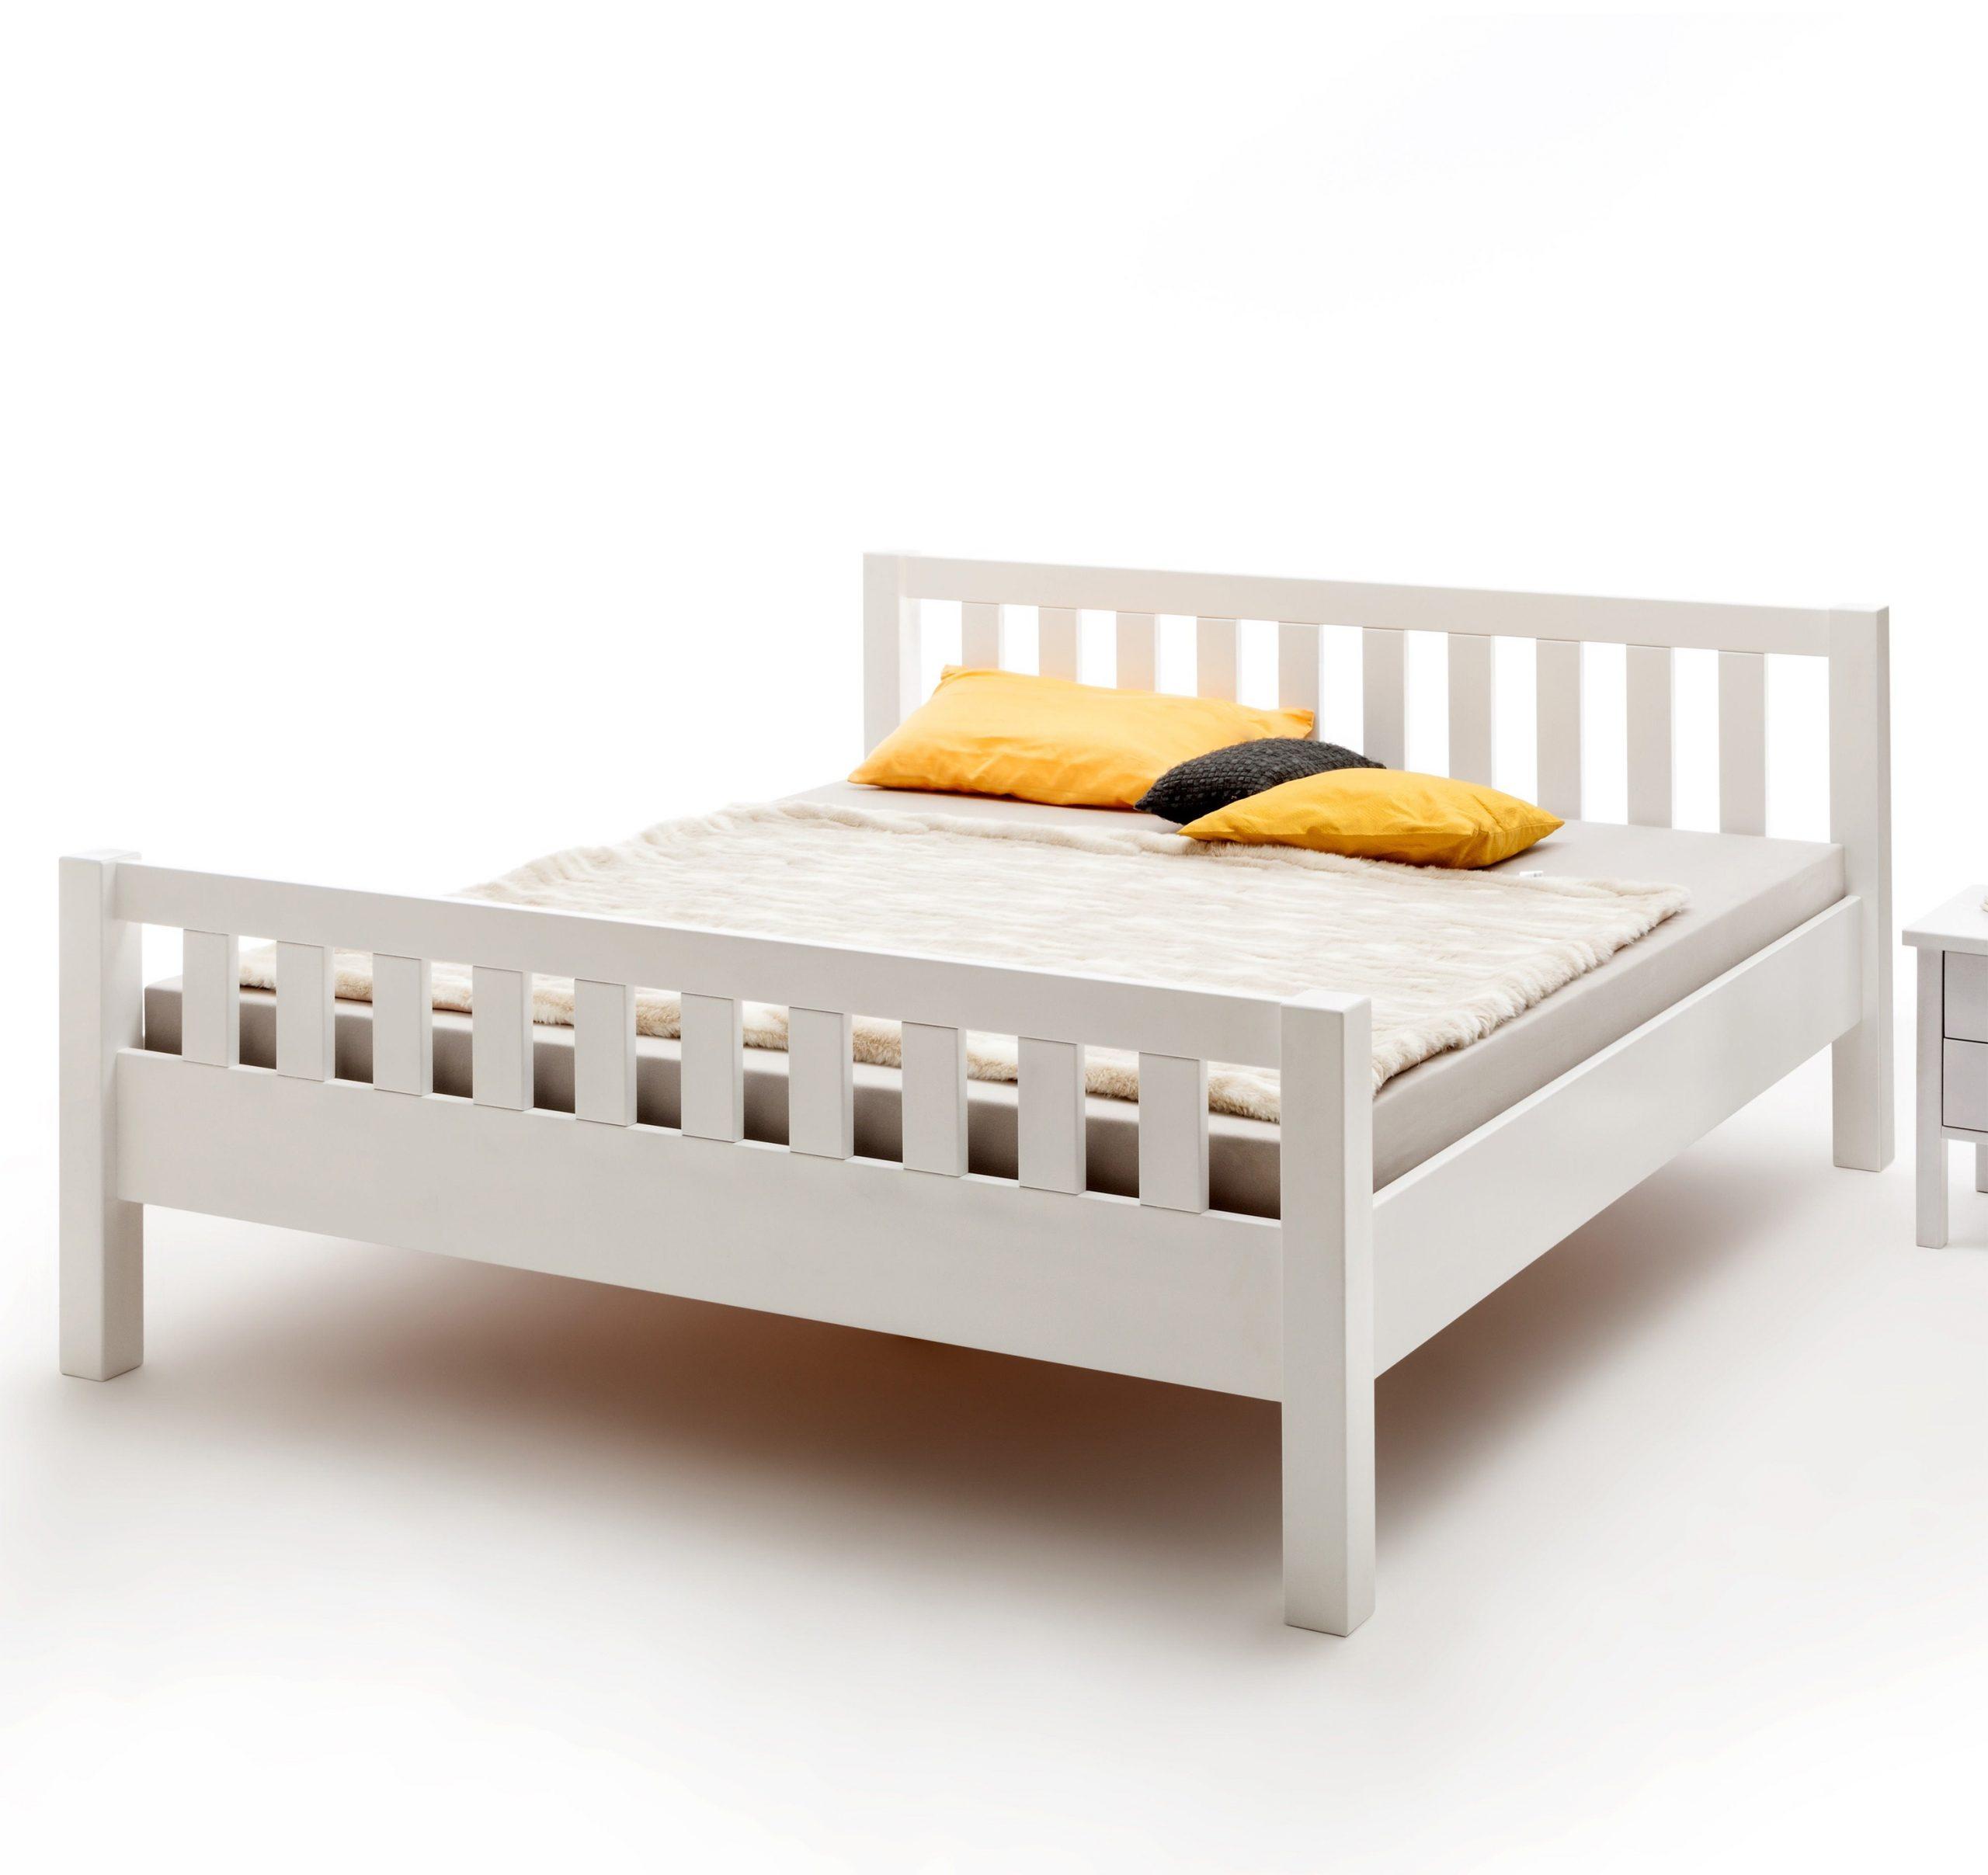 Full Size of Dico Betten Tagesdecken Für Massivholz Trends Hasena Amazon 180x200 Amerikanische Ebay Bock Aus Holz Hohe Ottoversand Designer Mit Stauraum Ausgefallene Ikea Bett Betten 100x200